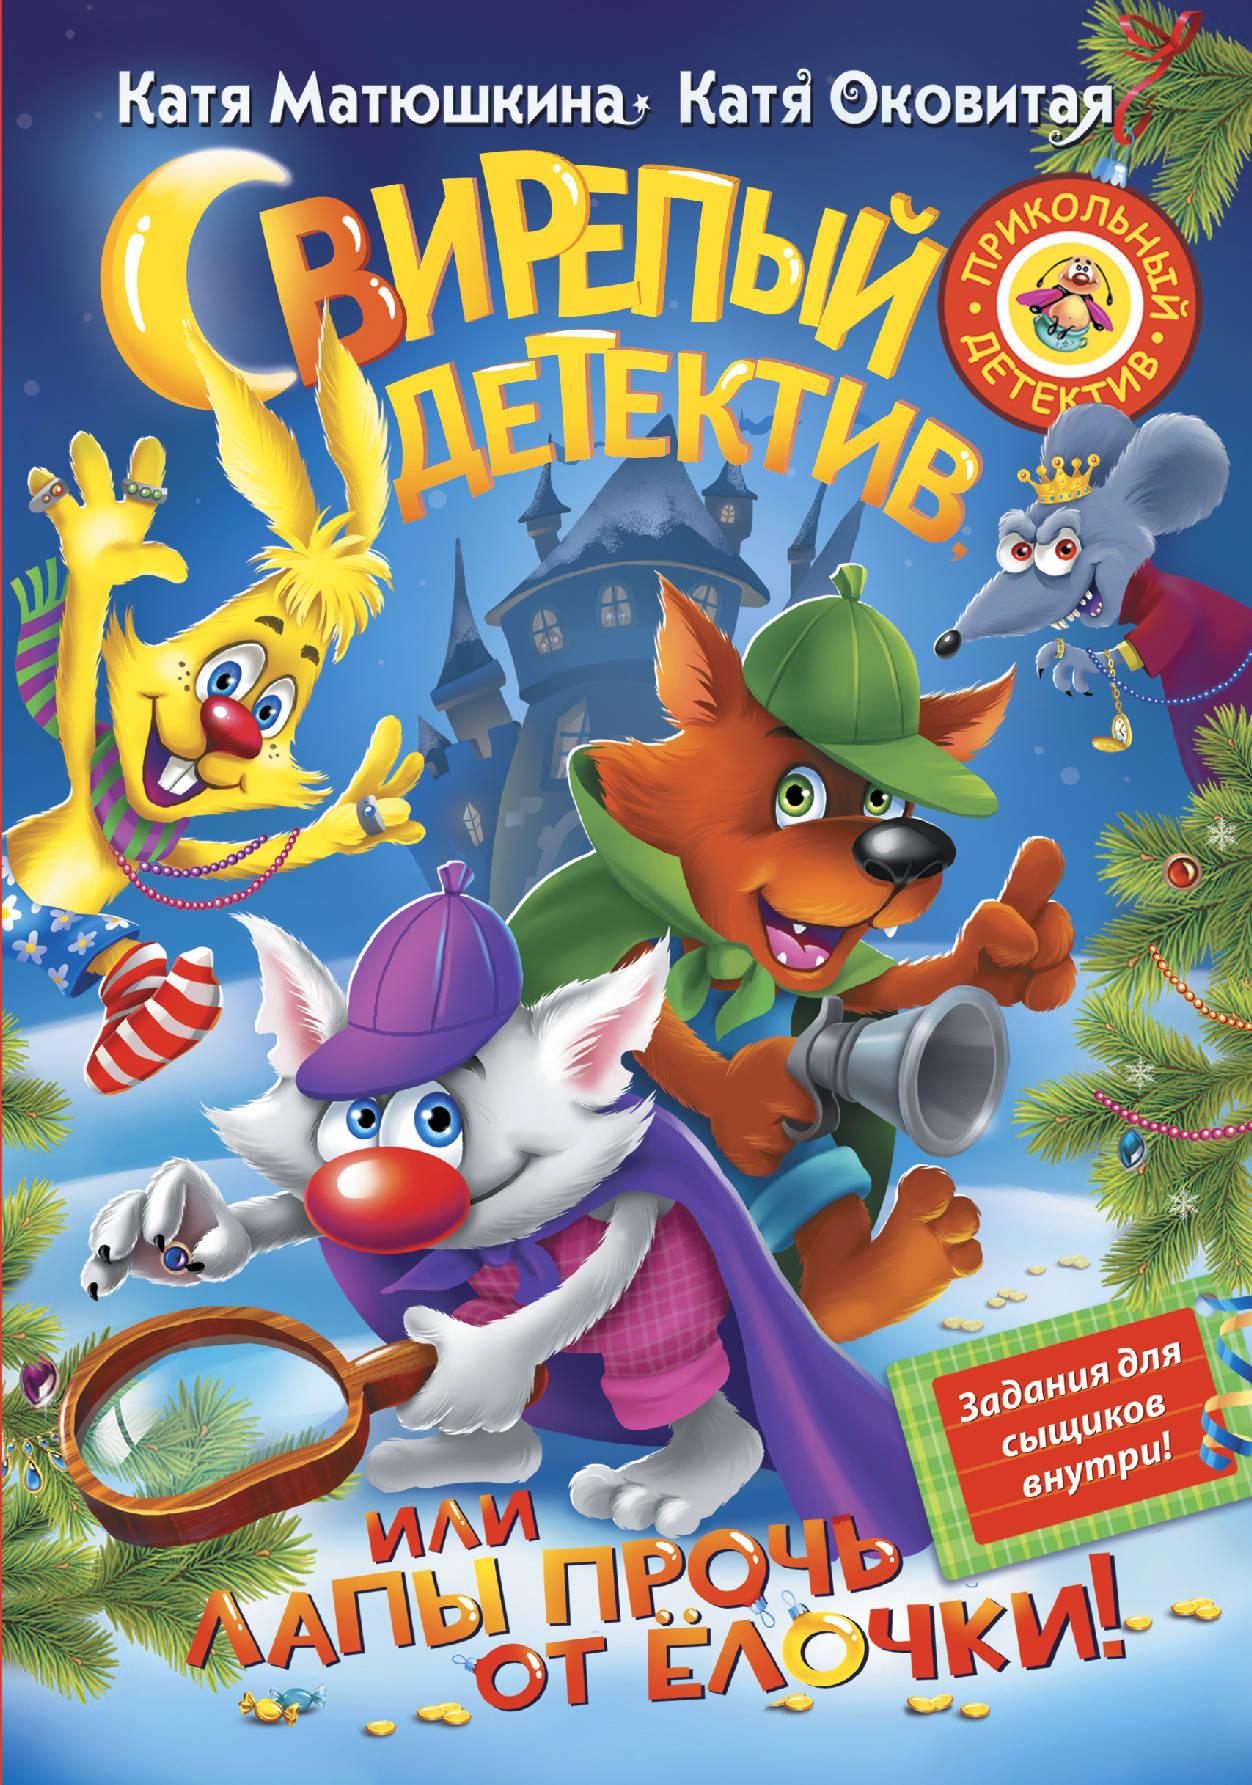 Катя Матюшкина, Катя Оковитая Свирепый детектив, или Лапы прочь от ёлочки! матюшкина е оковитая е звероновый год